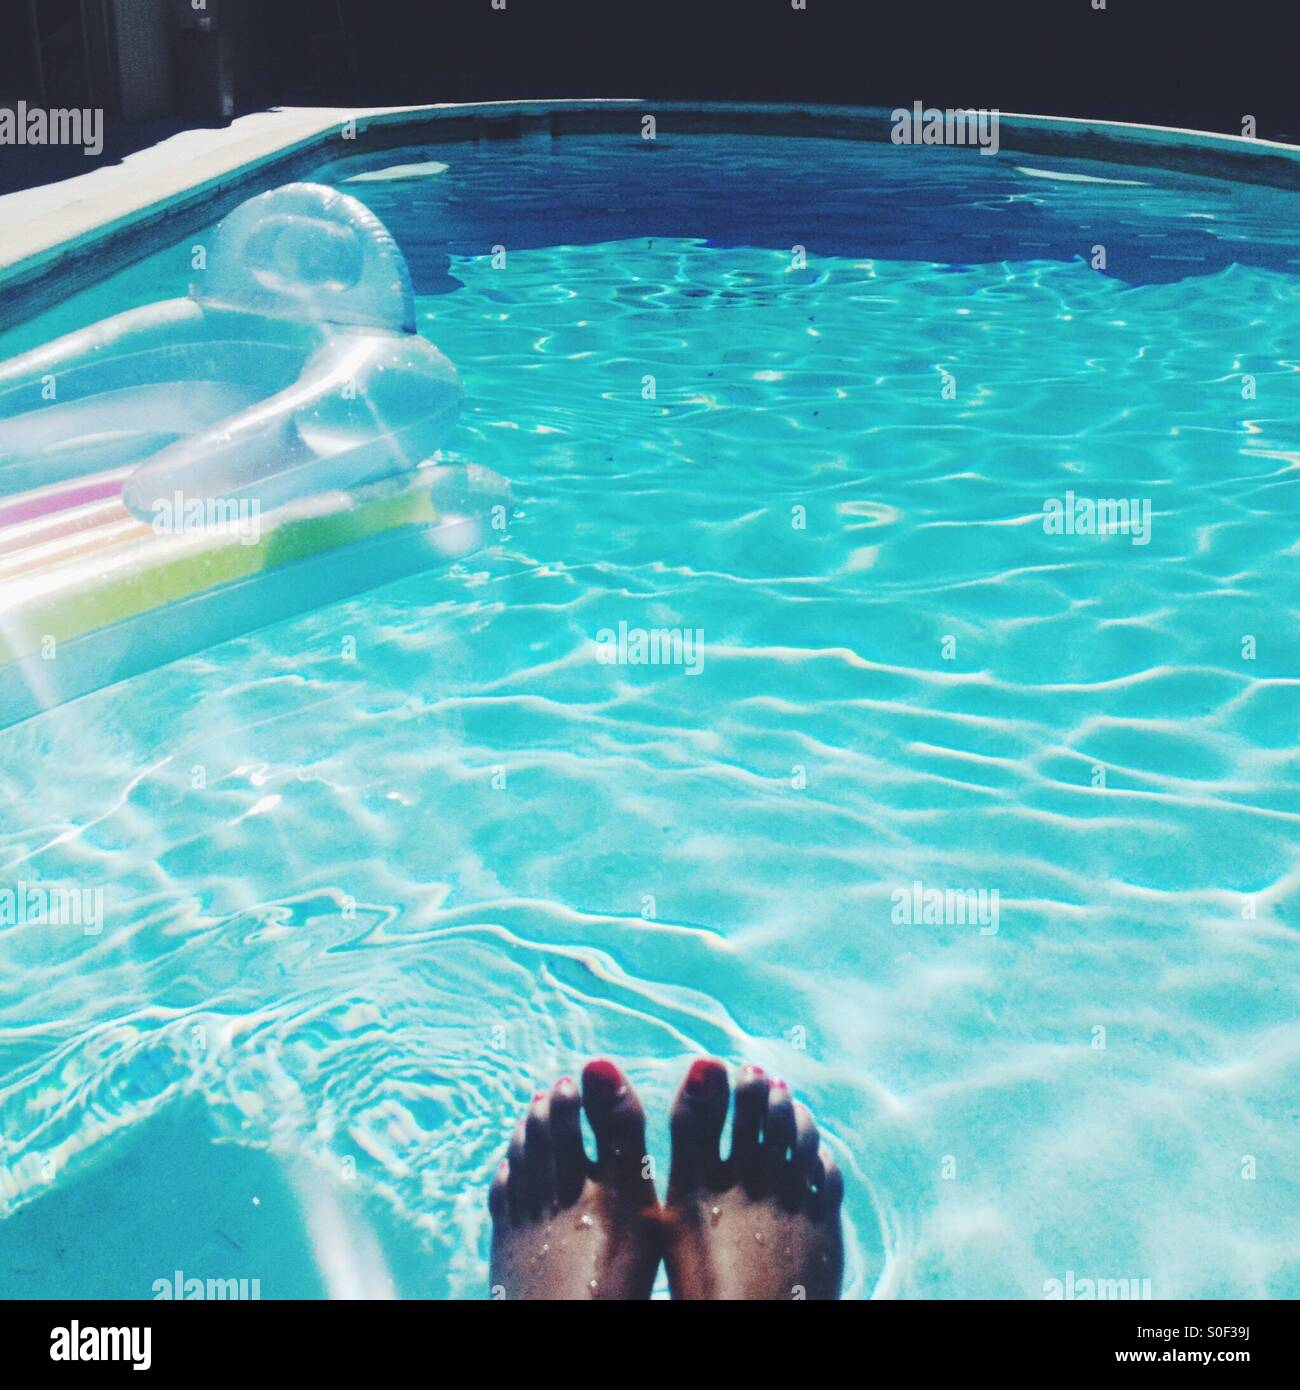 Orteils dans la piscine Photo Stock